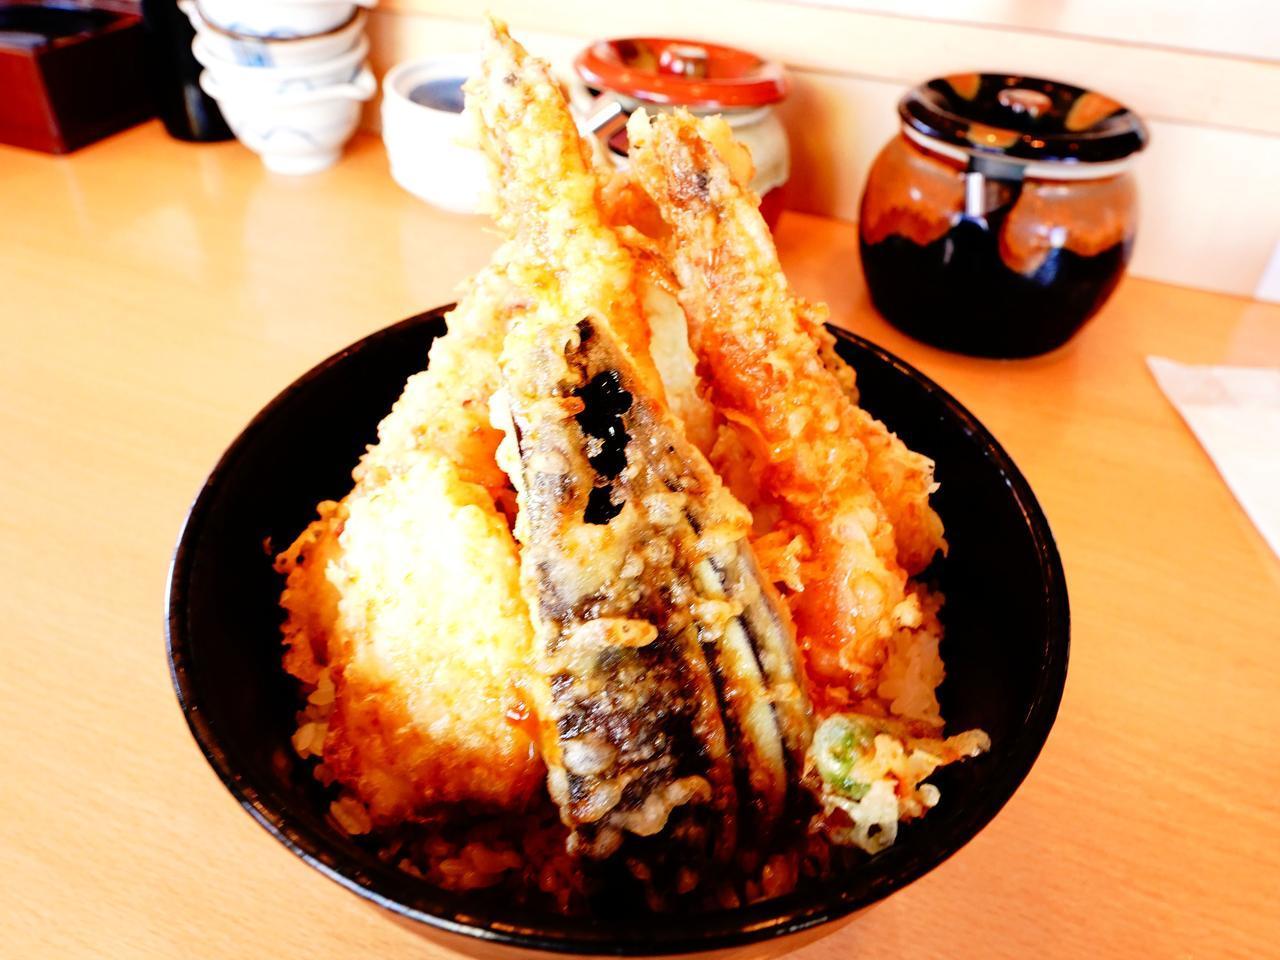 画像: おさかな市場で珍しい天丼。タコの天ぷらが絶品でした。海鮮処 海門の「浜の八福天丼」1680円